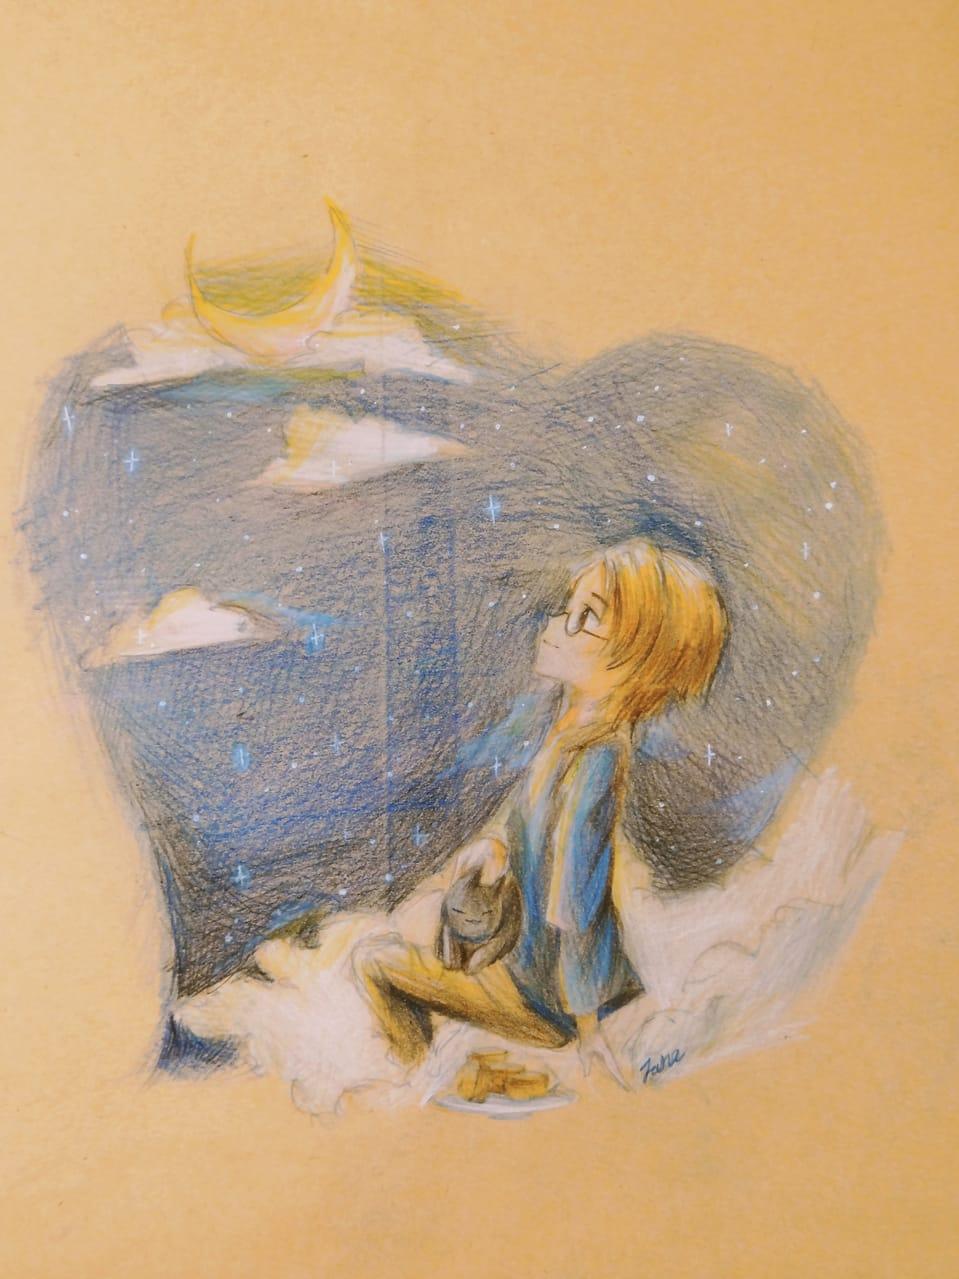 夜空下 Illust of janejane 黑貓 夜景 moon